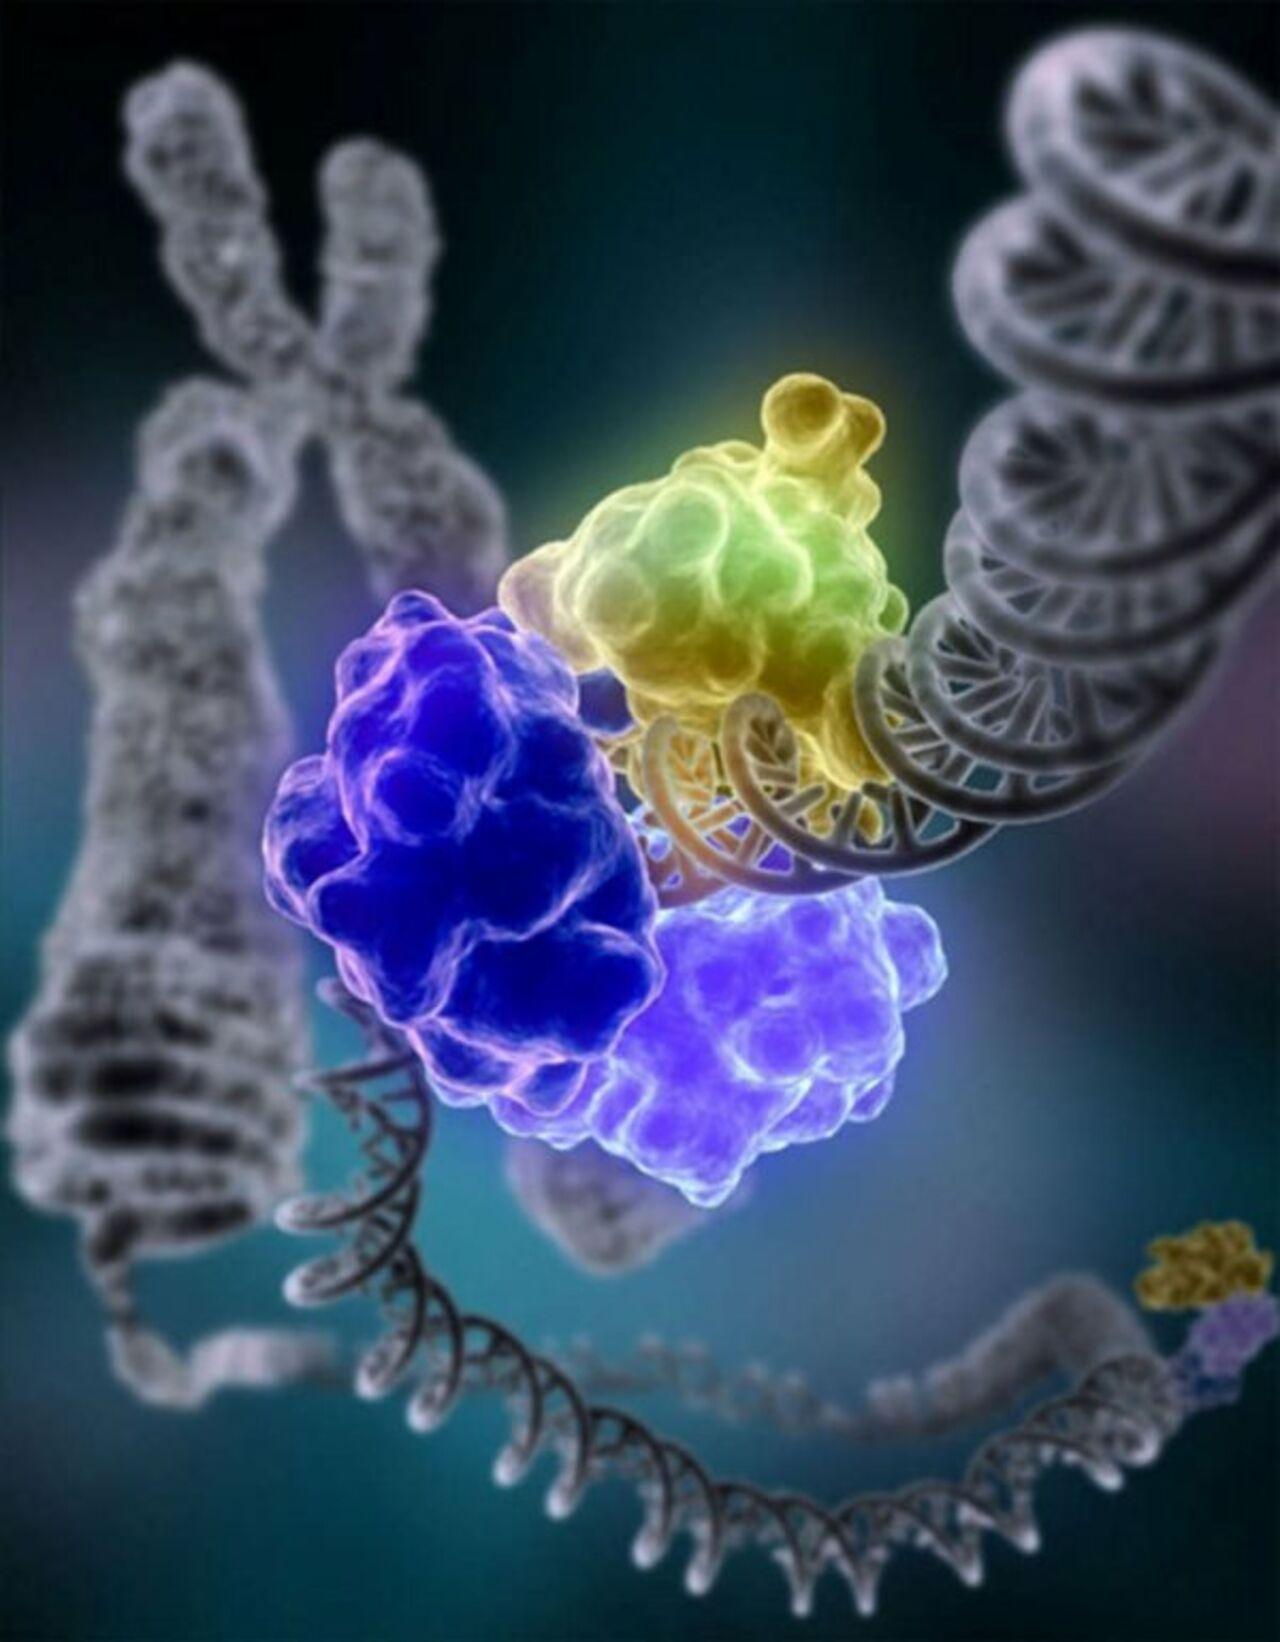 Ученые: Найден белок, который недает вирусам размножаться ворганизме